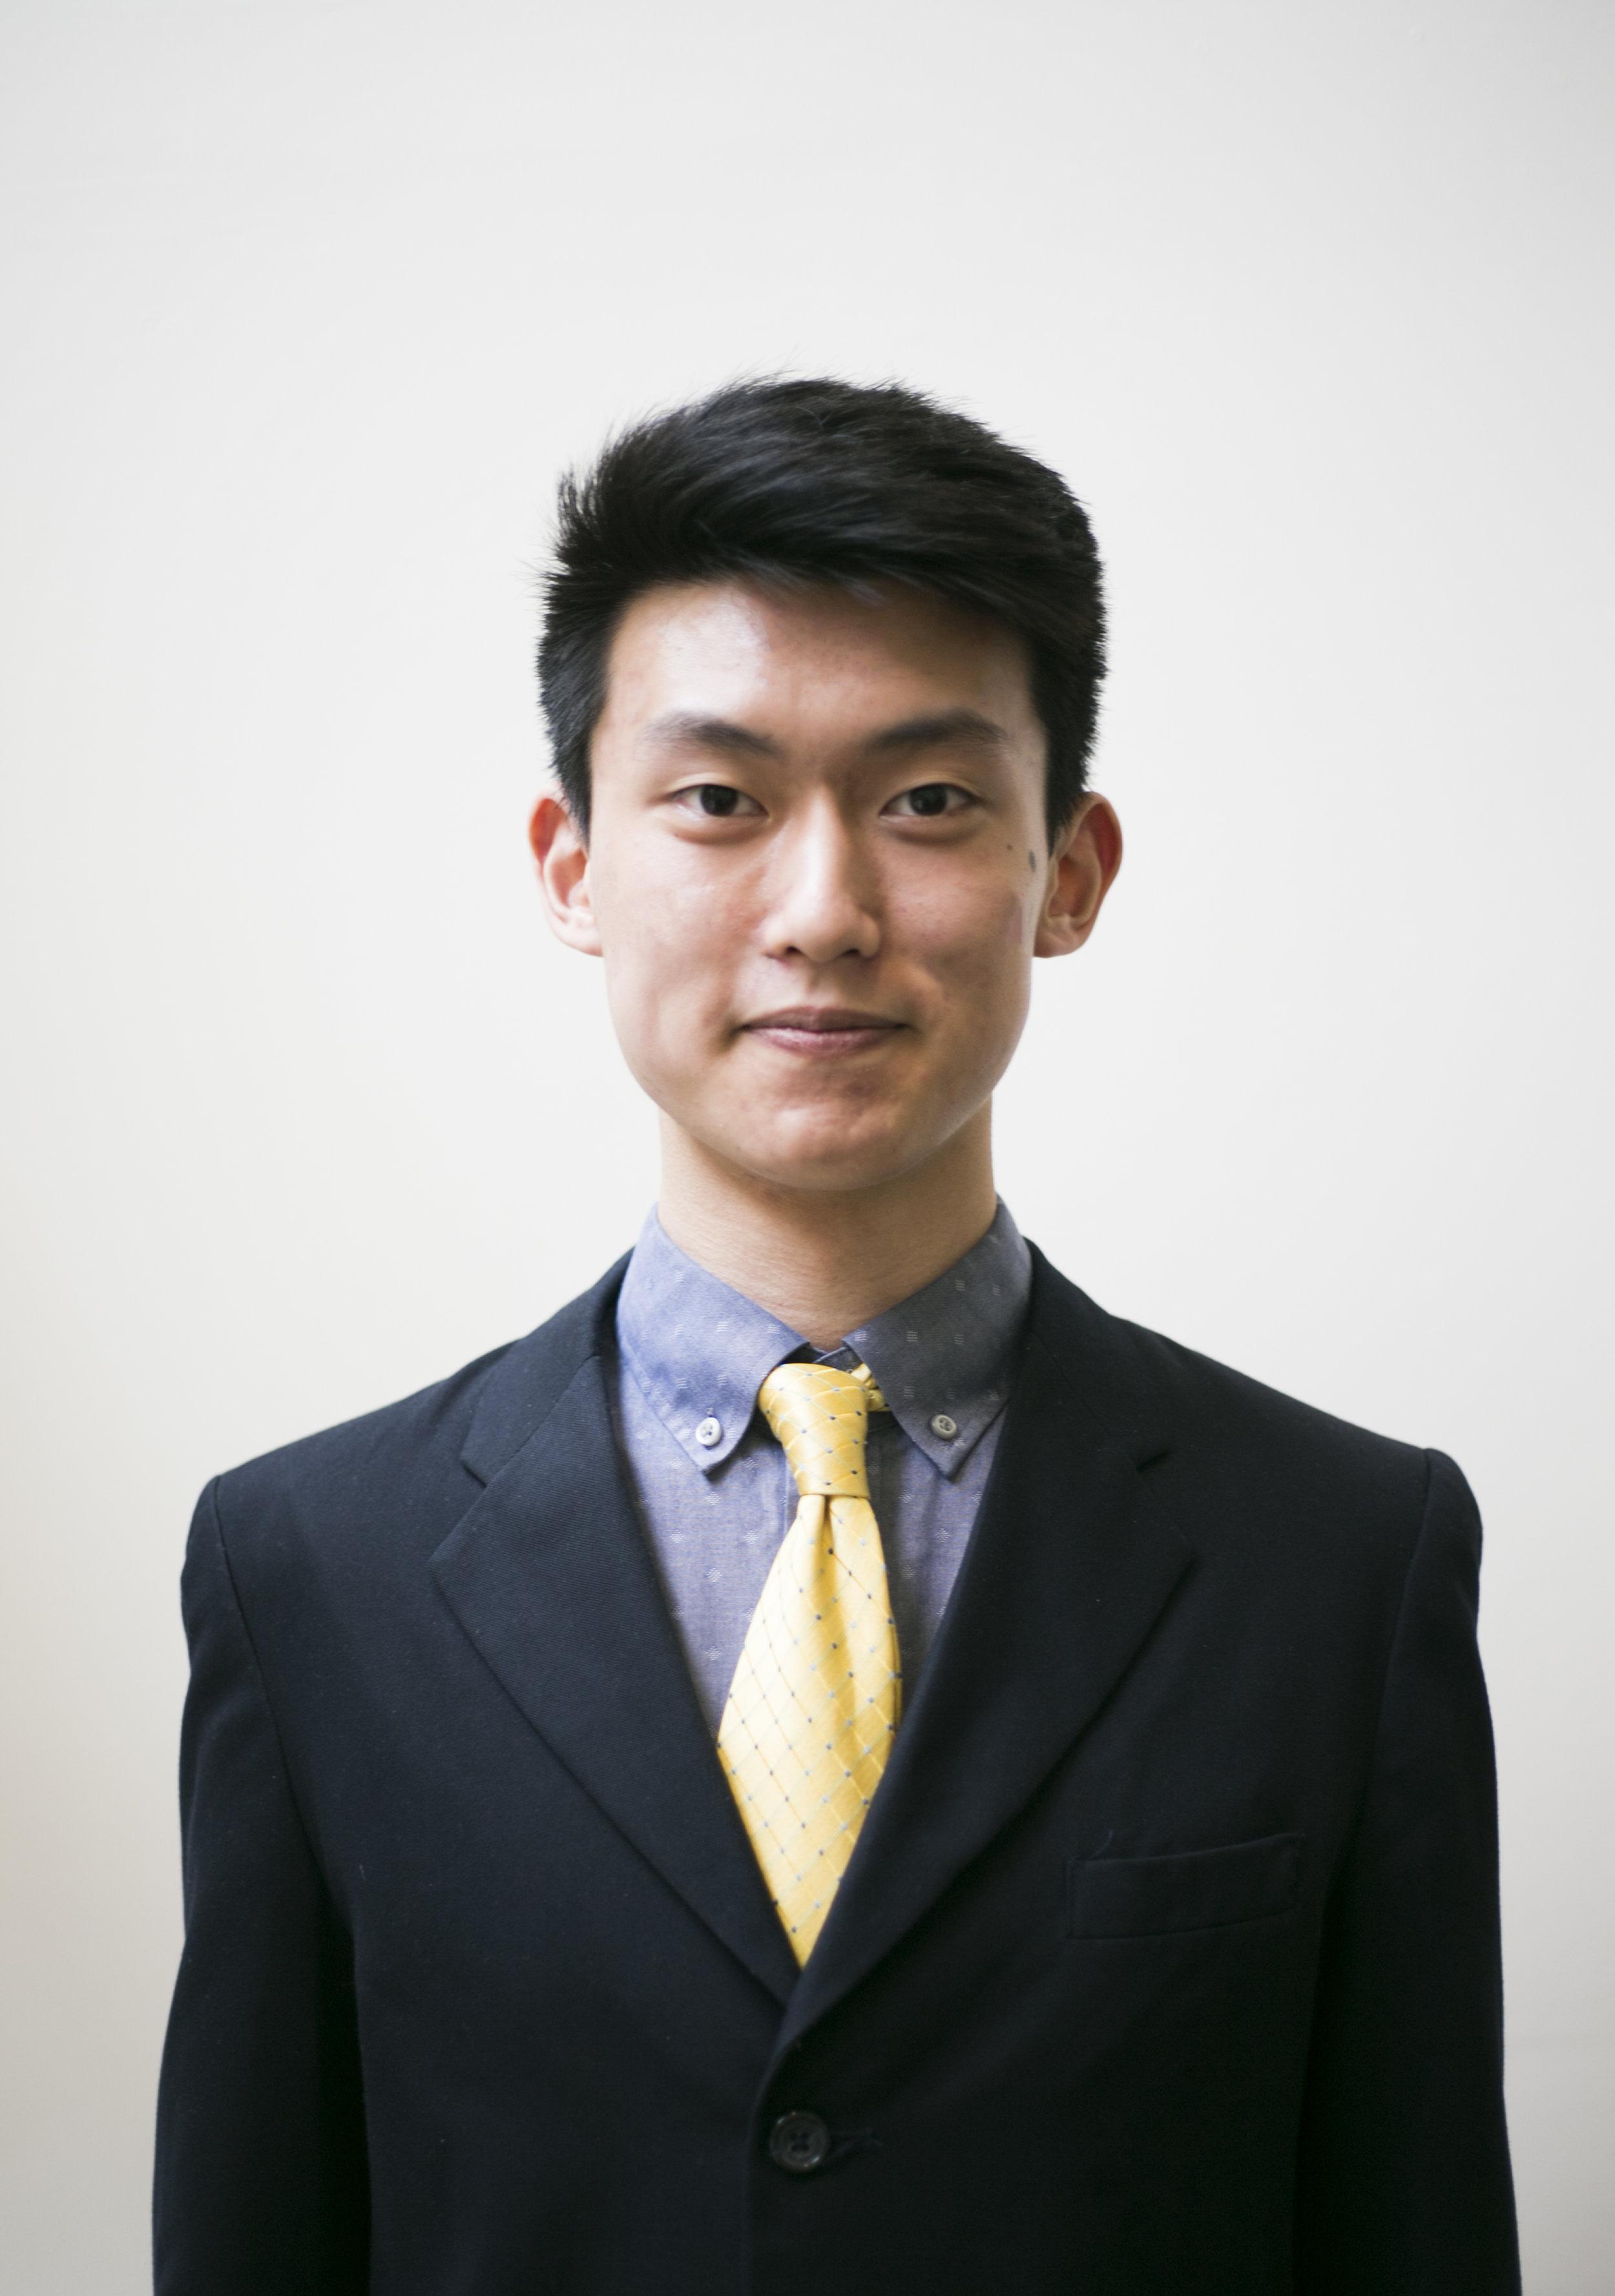 Andrew Xu